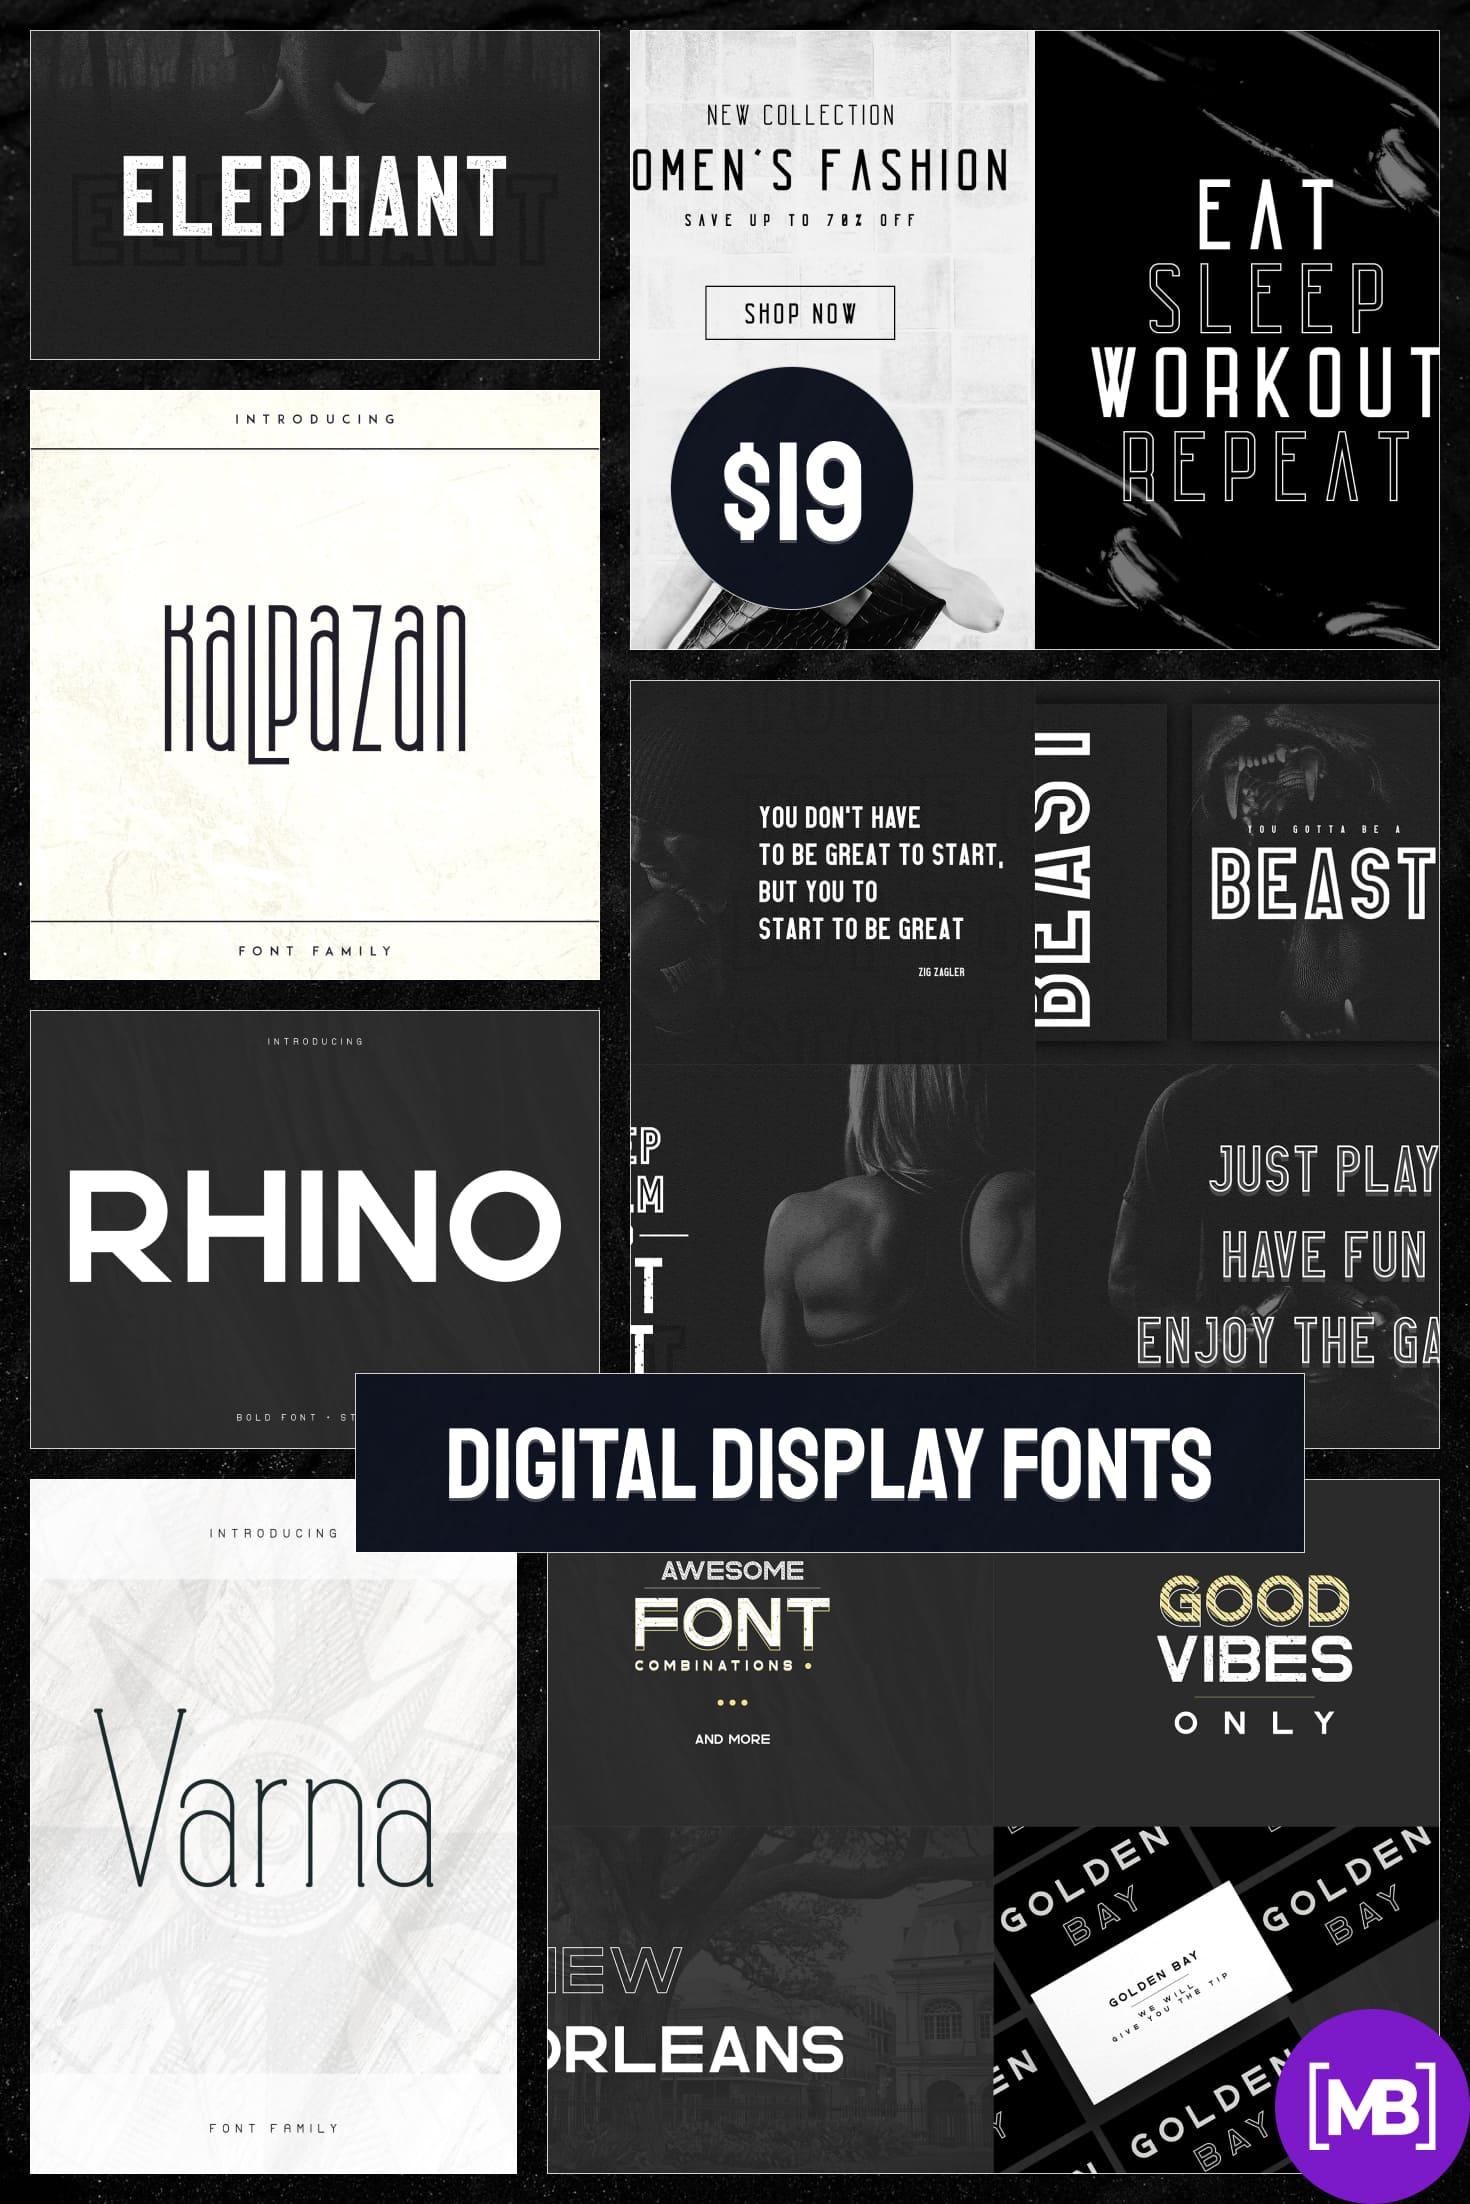 Digital Display Fonts - 85 Sans & Display Fonts Bundle. Collage Image.